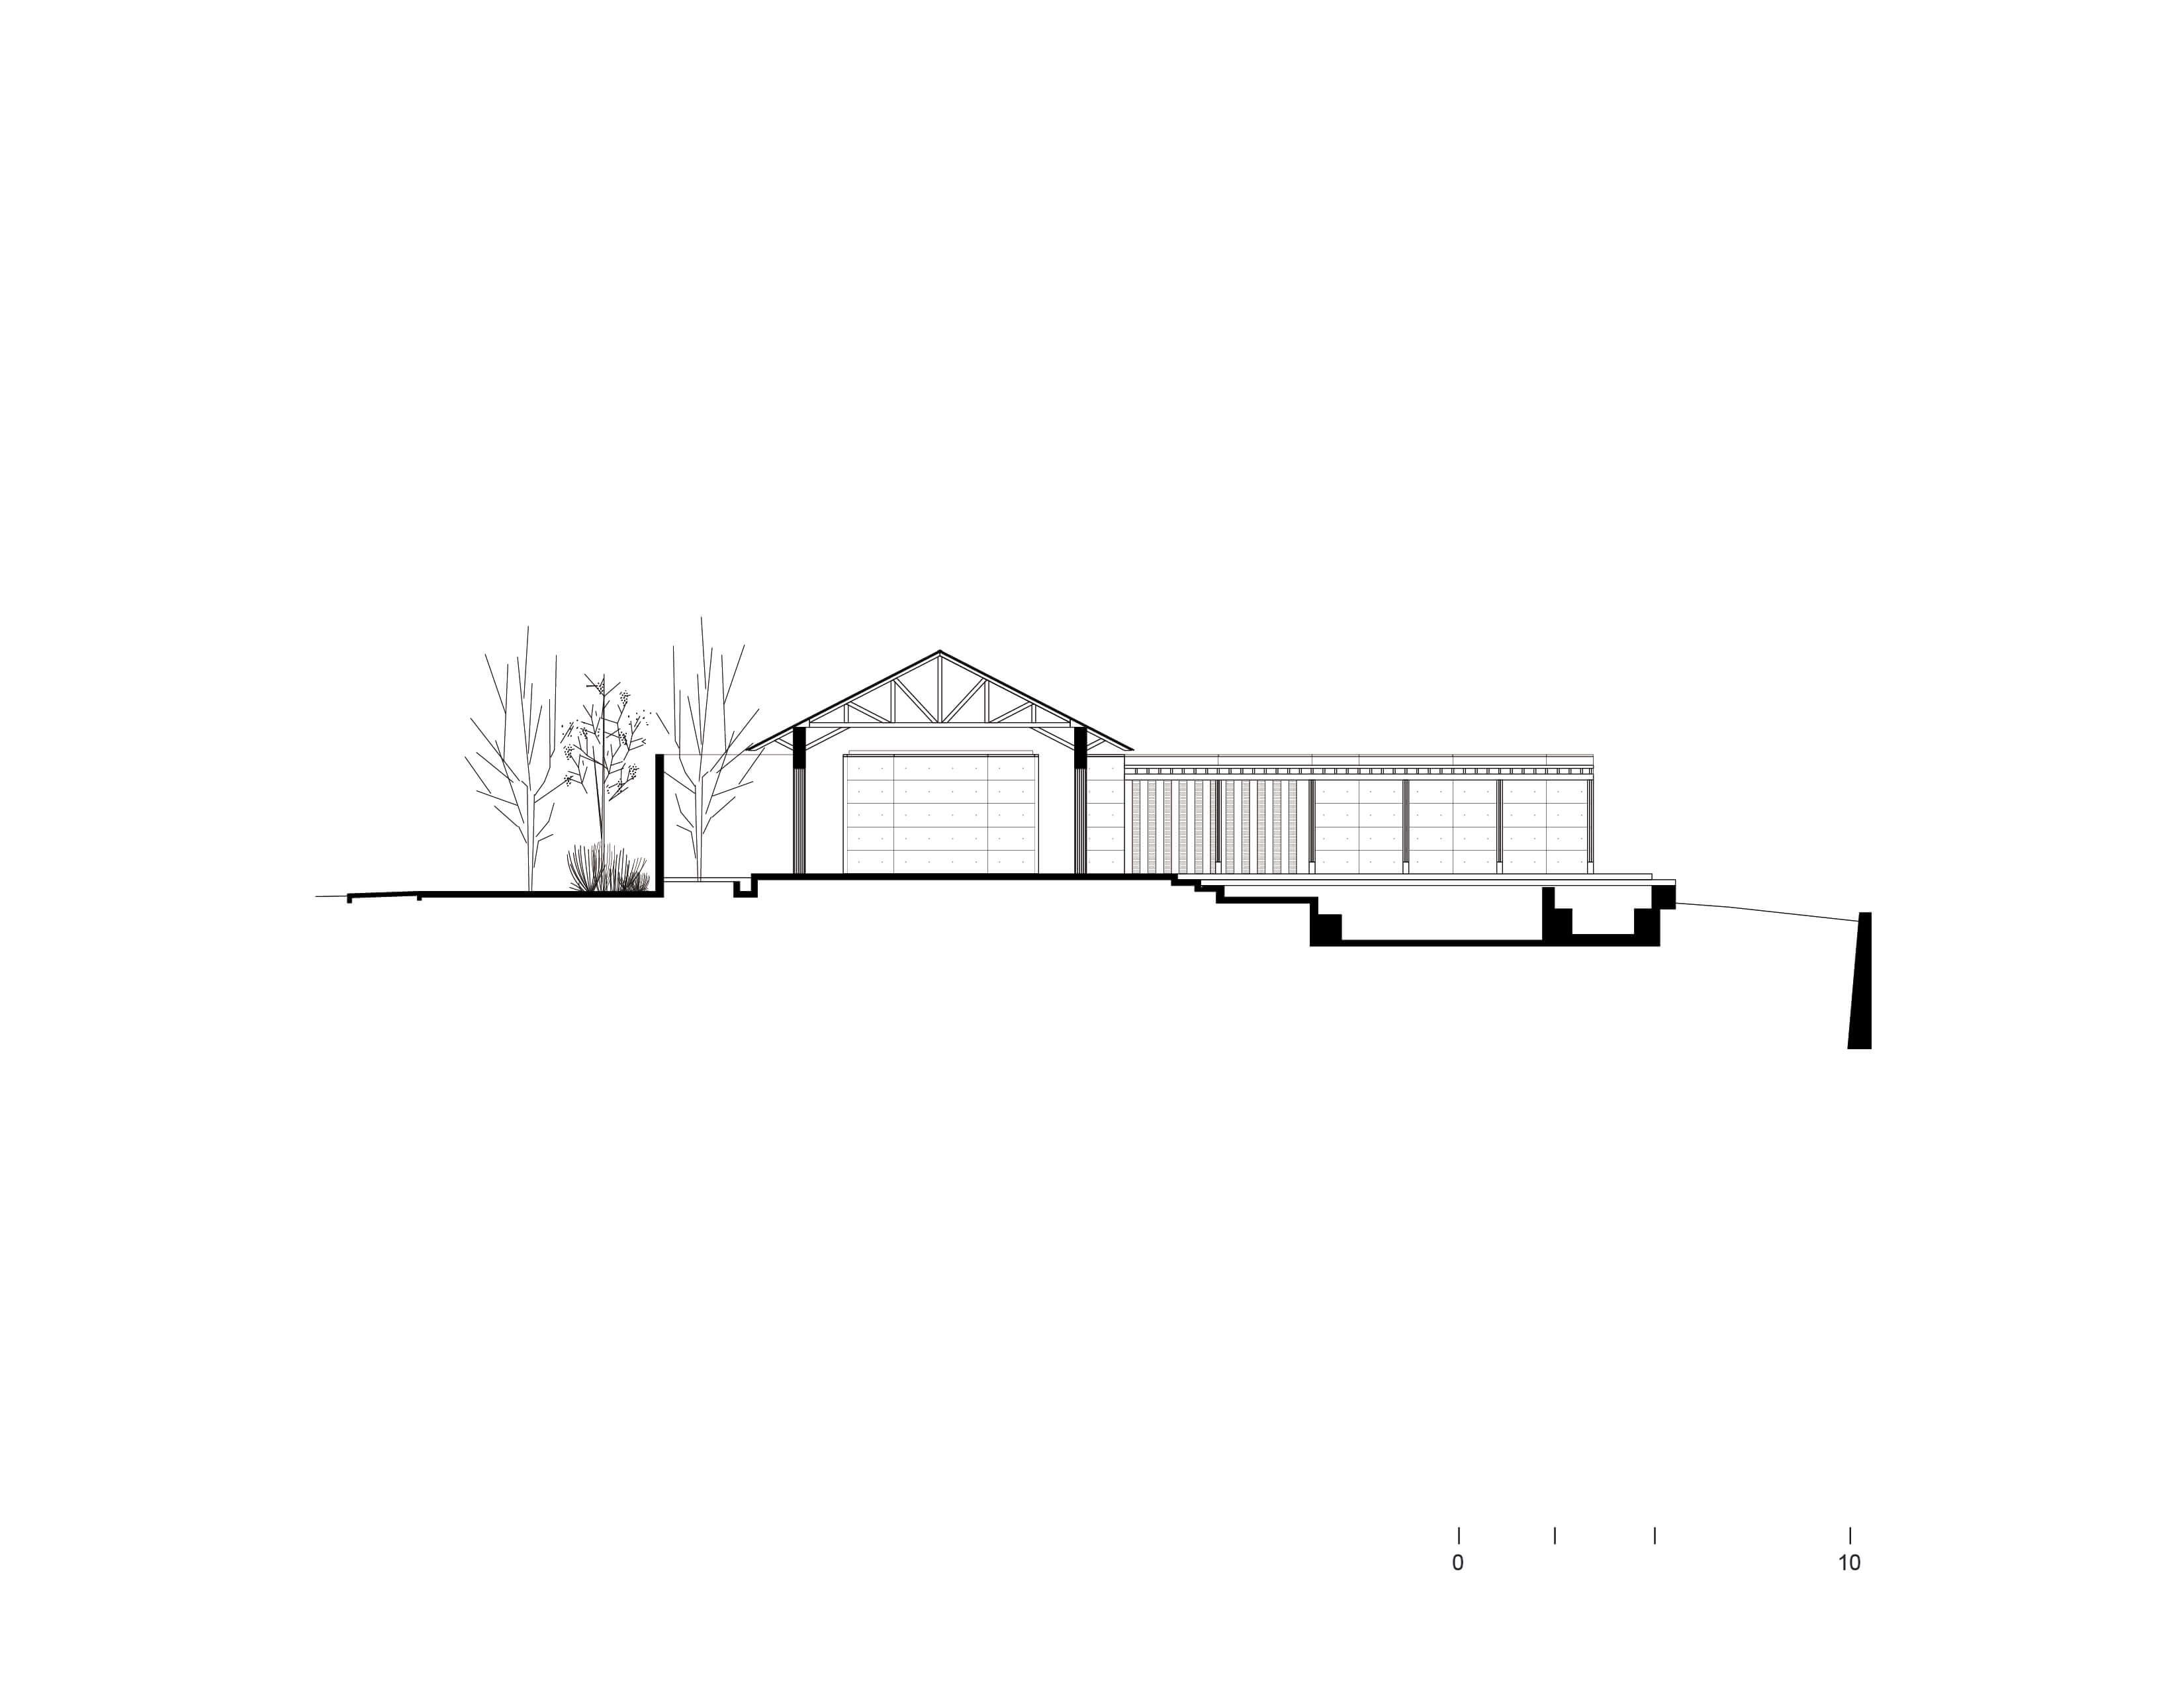 Section 01 Bernardo Quinzaños, Ignacio Urquiza, Centro de Colaboración Arquitectónica}